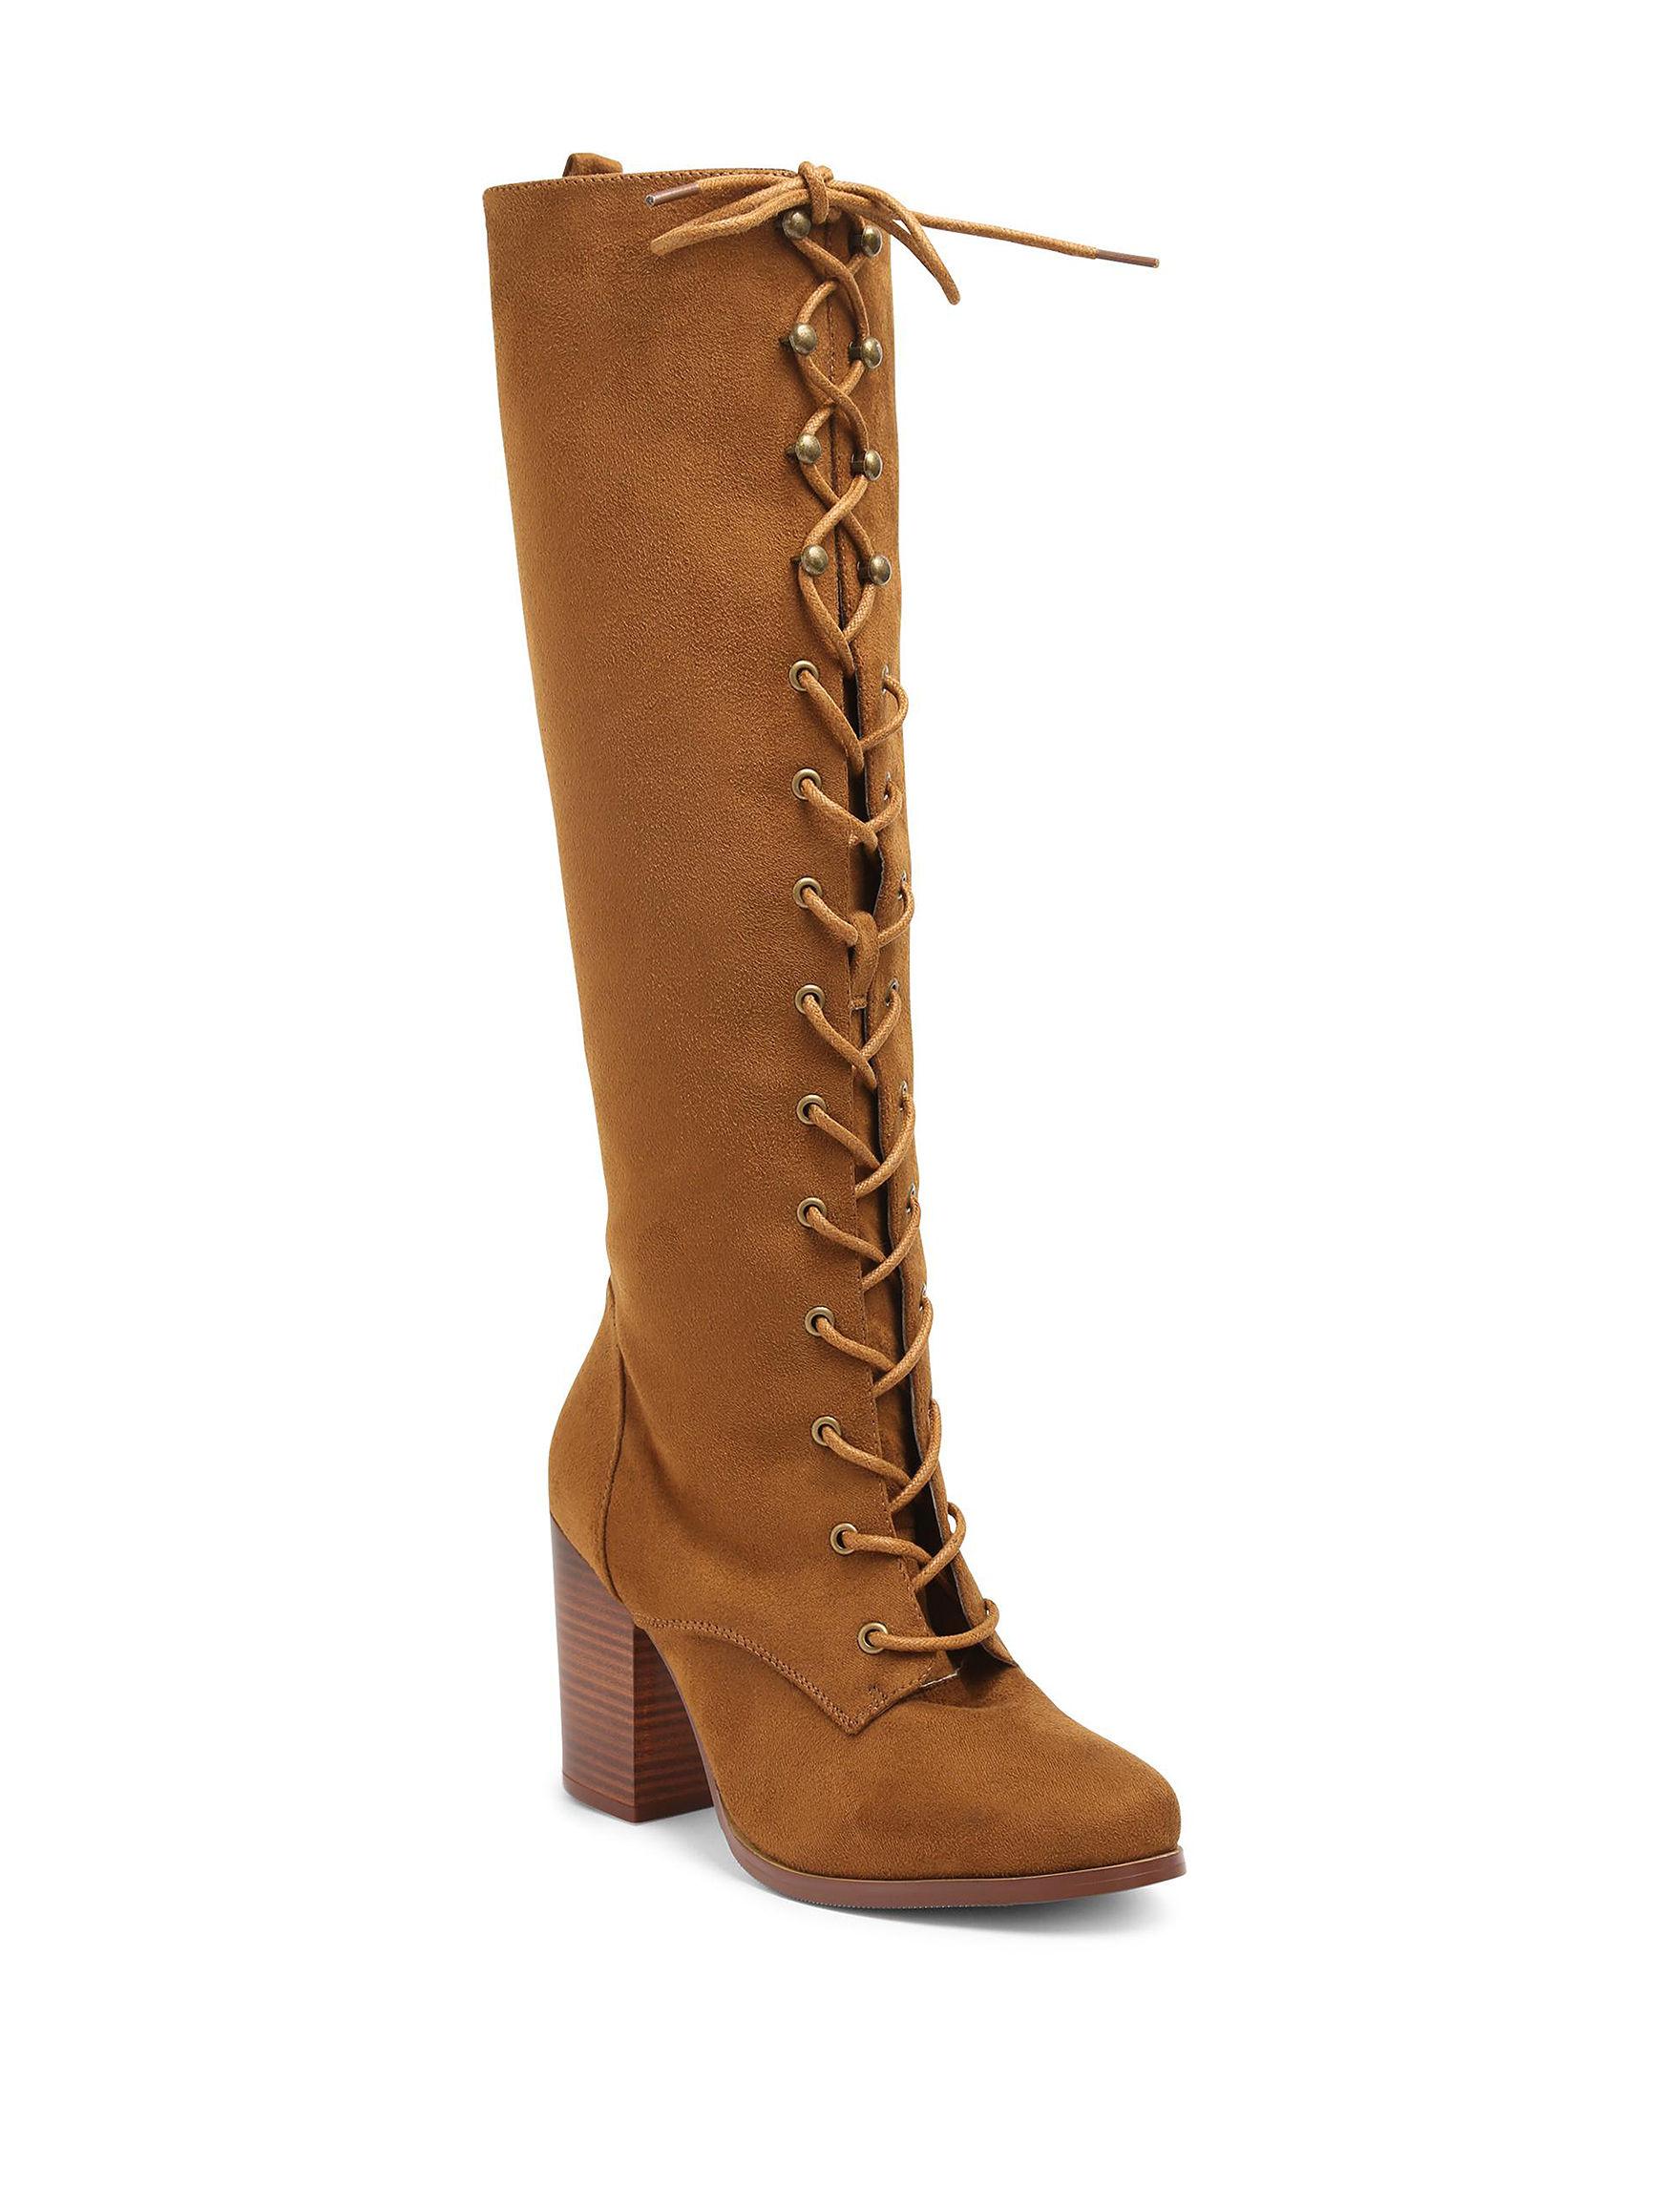 XOXO Cognac Riding Boots